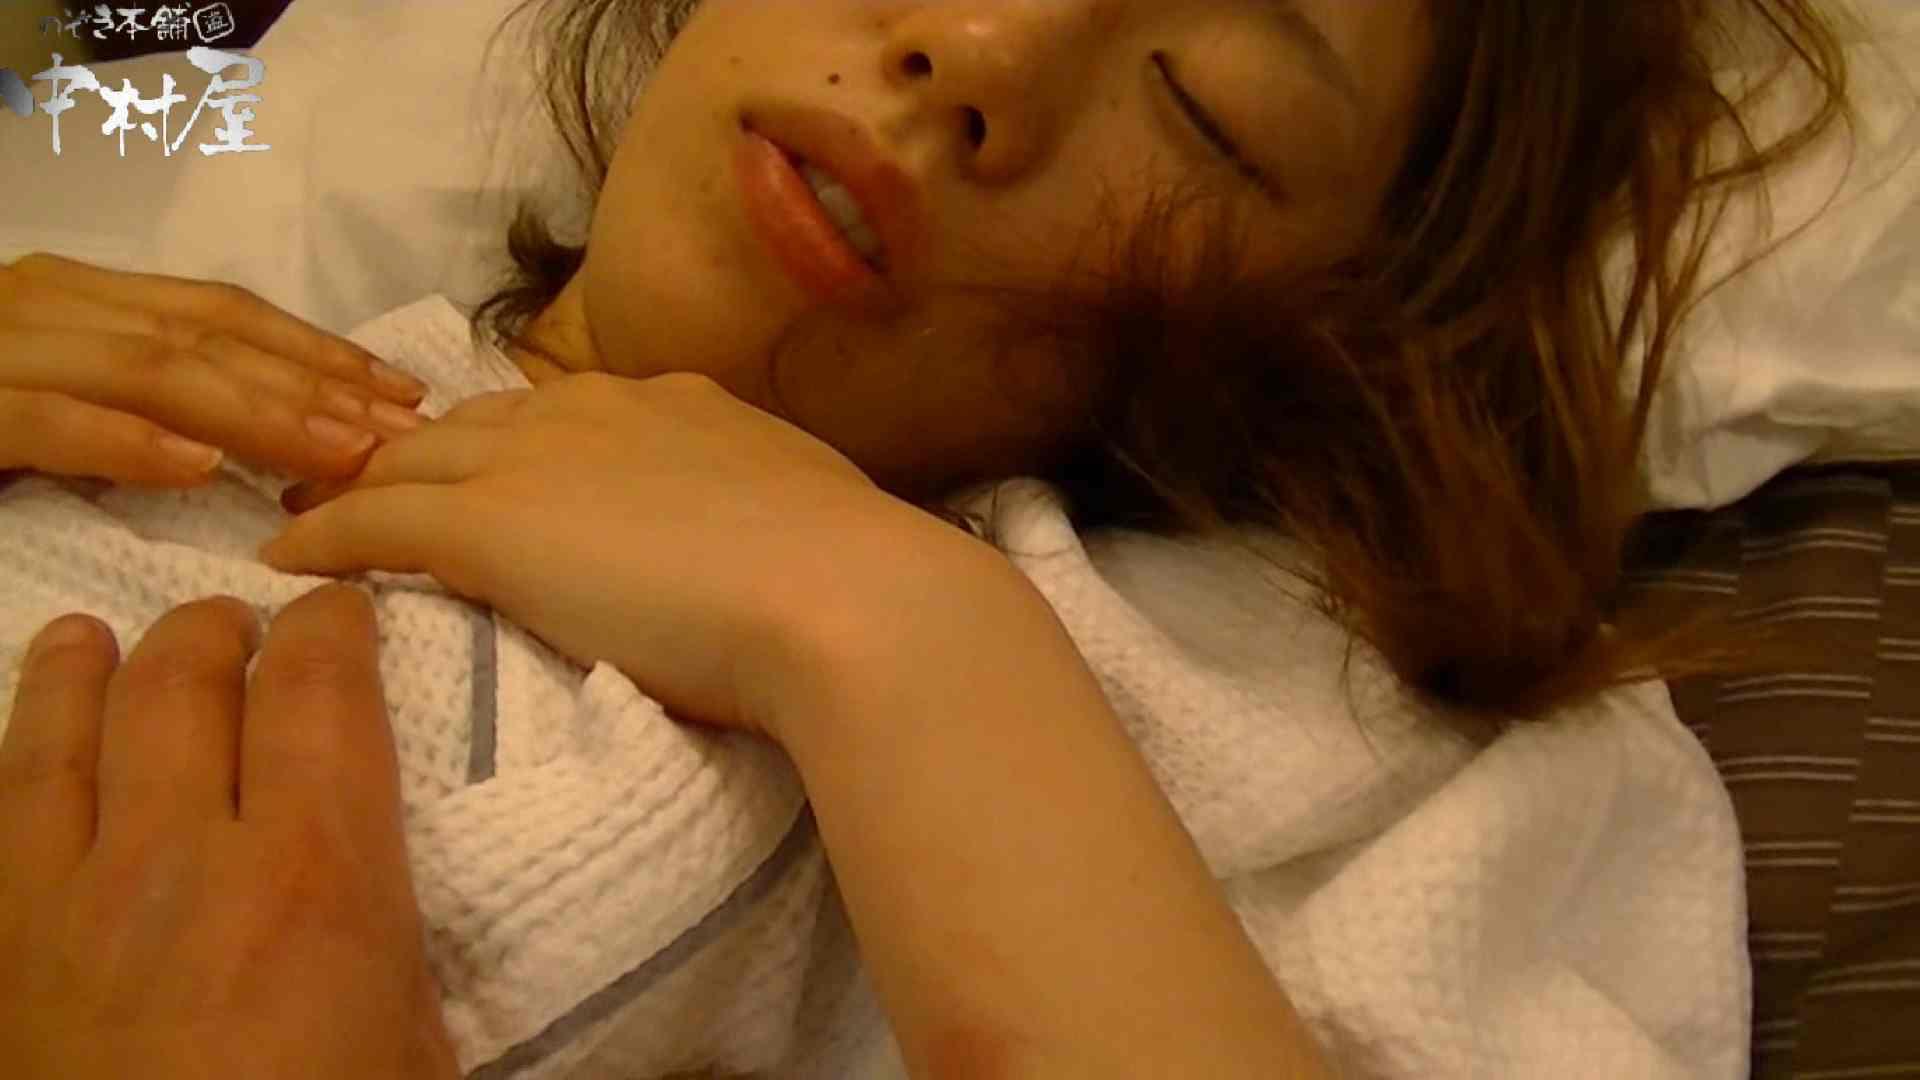 ネムリ姫 vol.27 後編 OLのエロ生活 AV動画キャプチャ 91連発 2